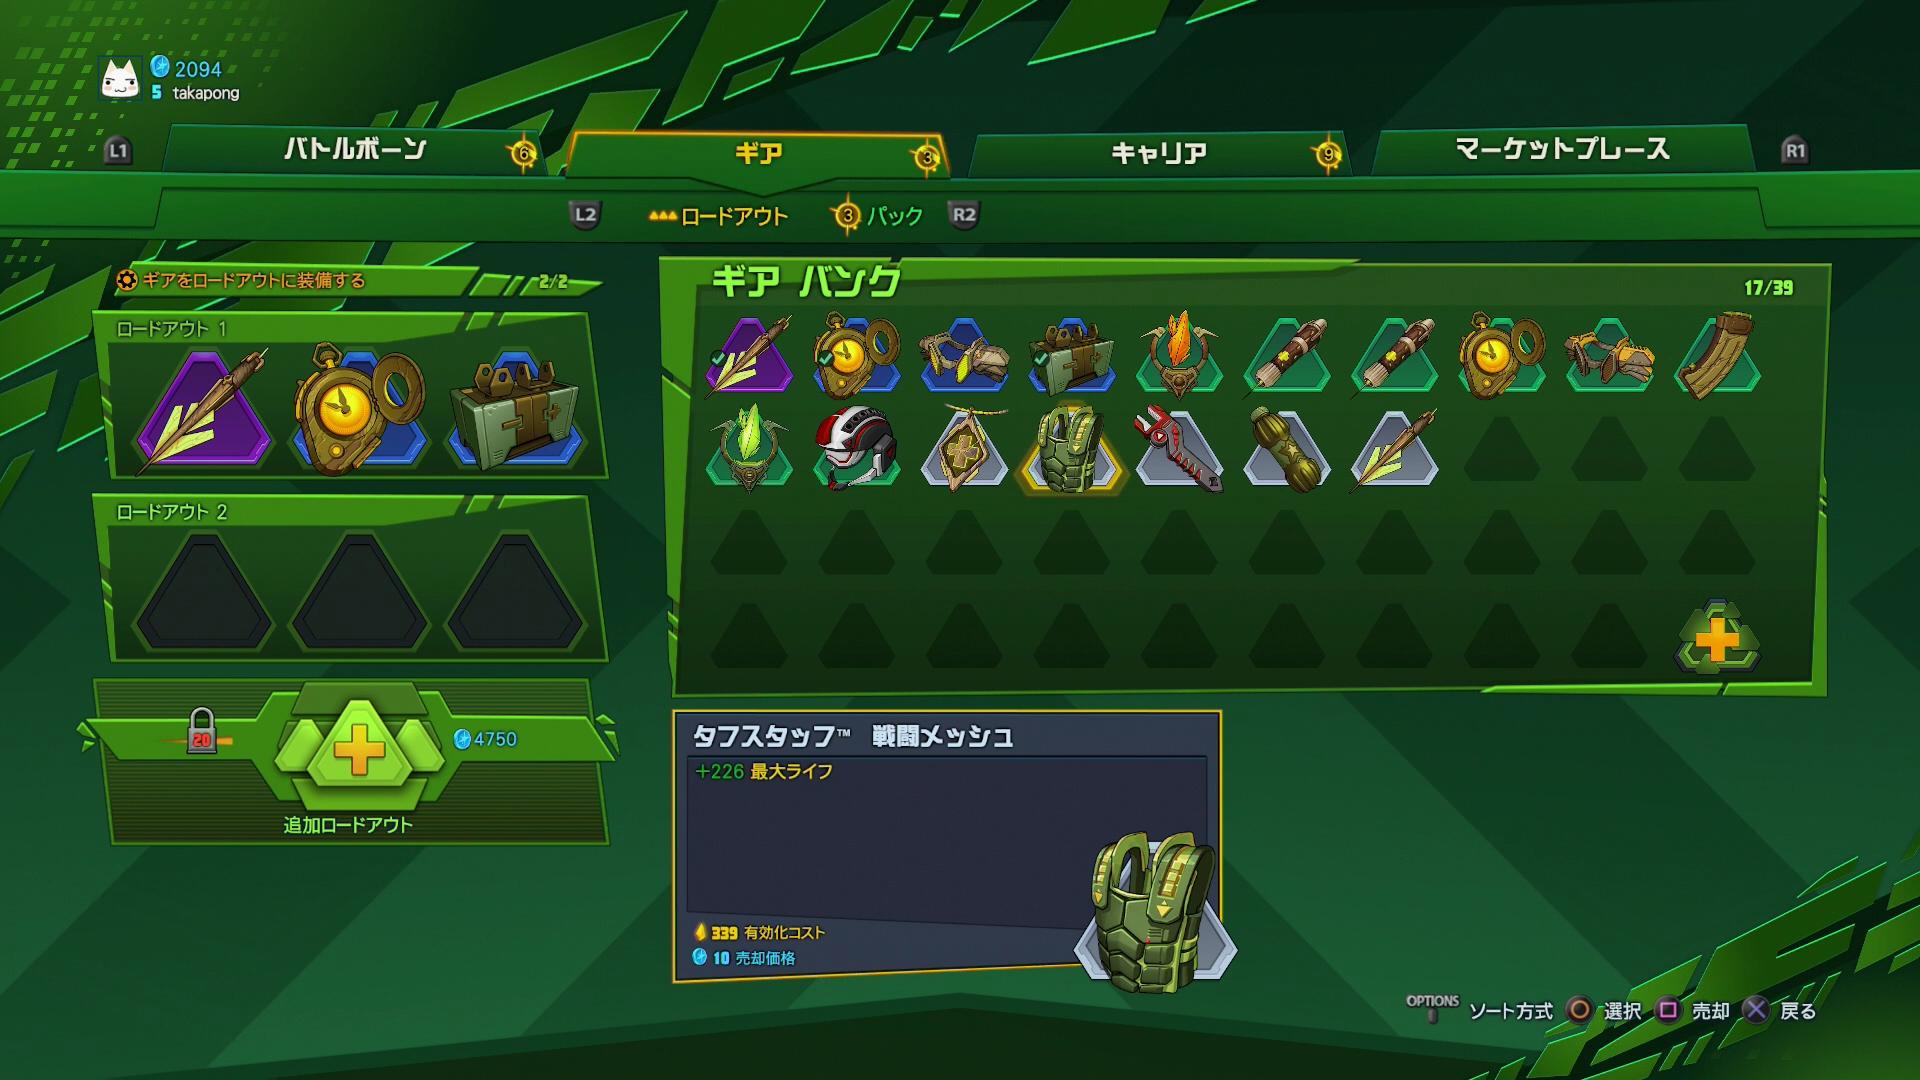 手に入れた「ギア」を装備したり管理するのはロビーの「コマンド」-「ギア」タブを開くことで行なえる。ここで最大3個まで事前にセッティングしたギアを持っていくことで、ゲーム内でギアを使うことができる